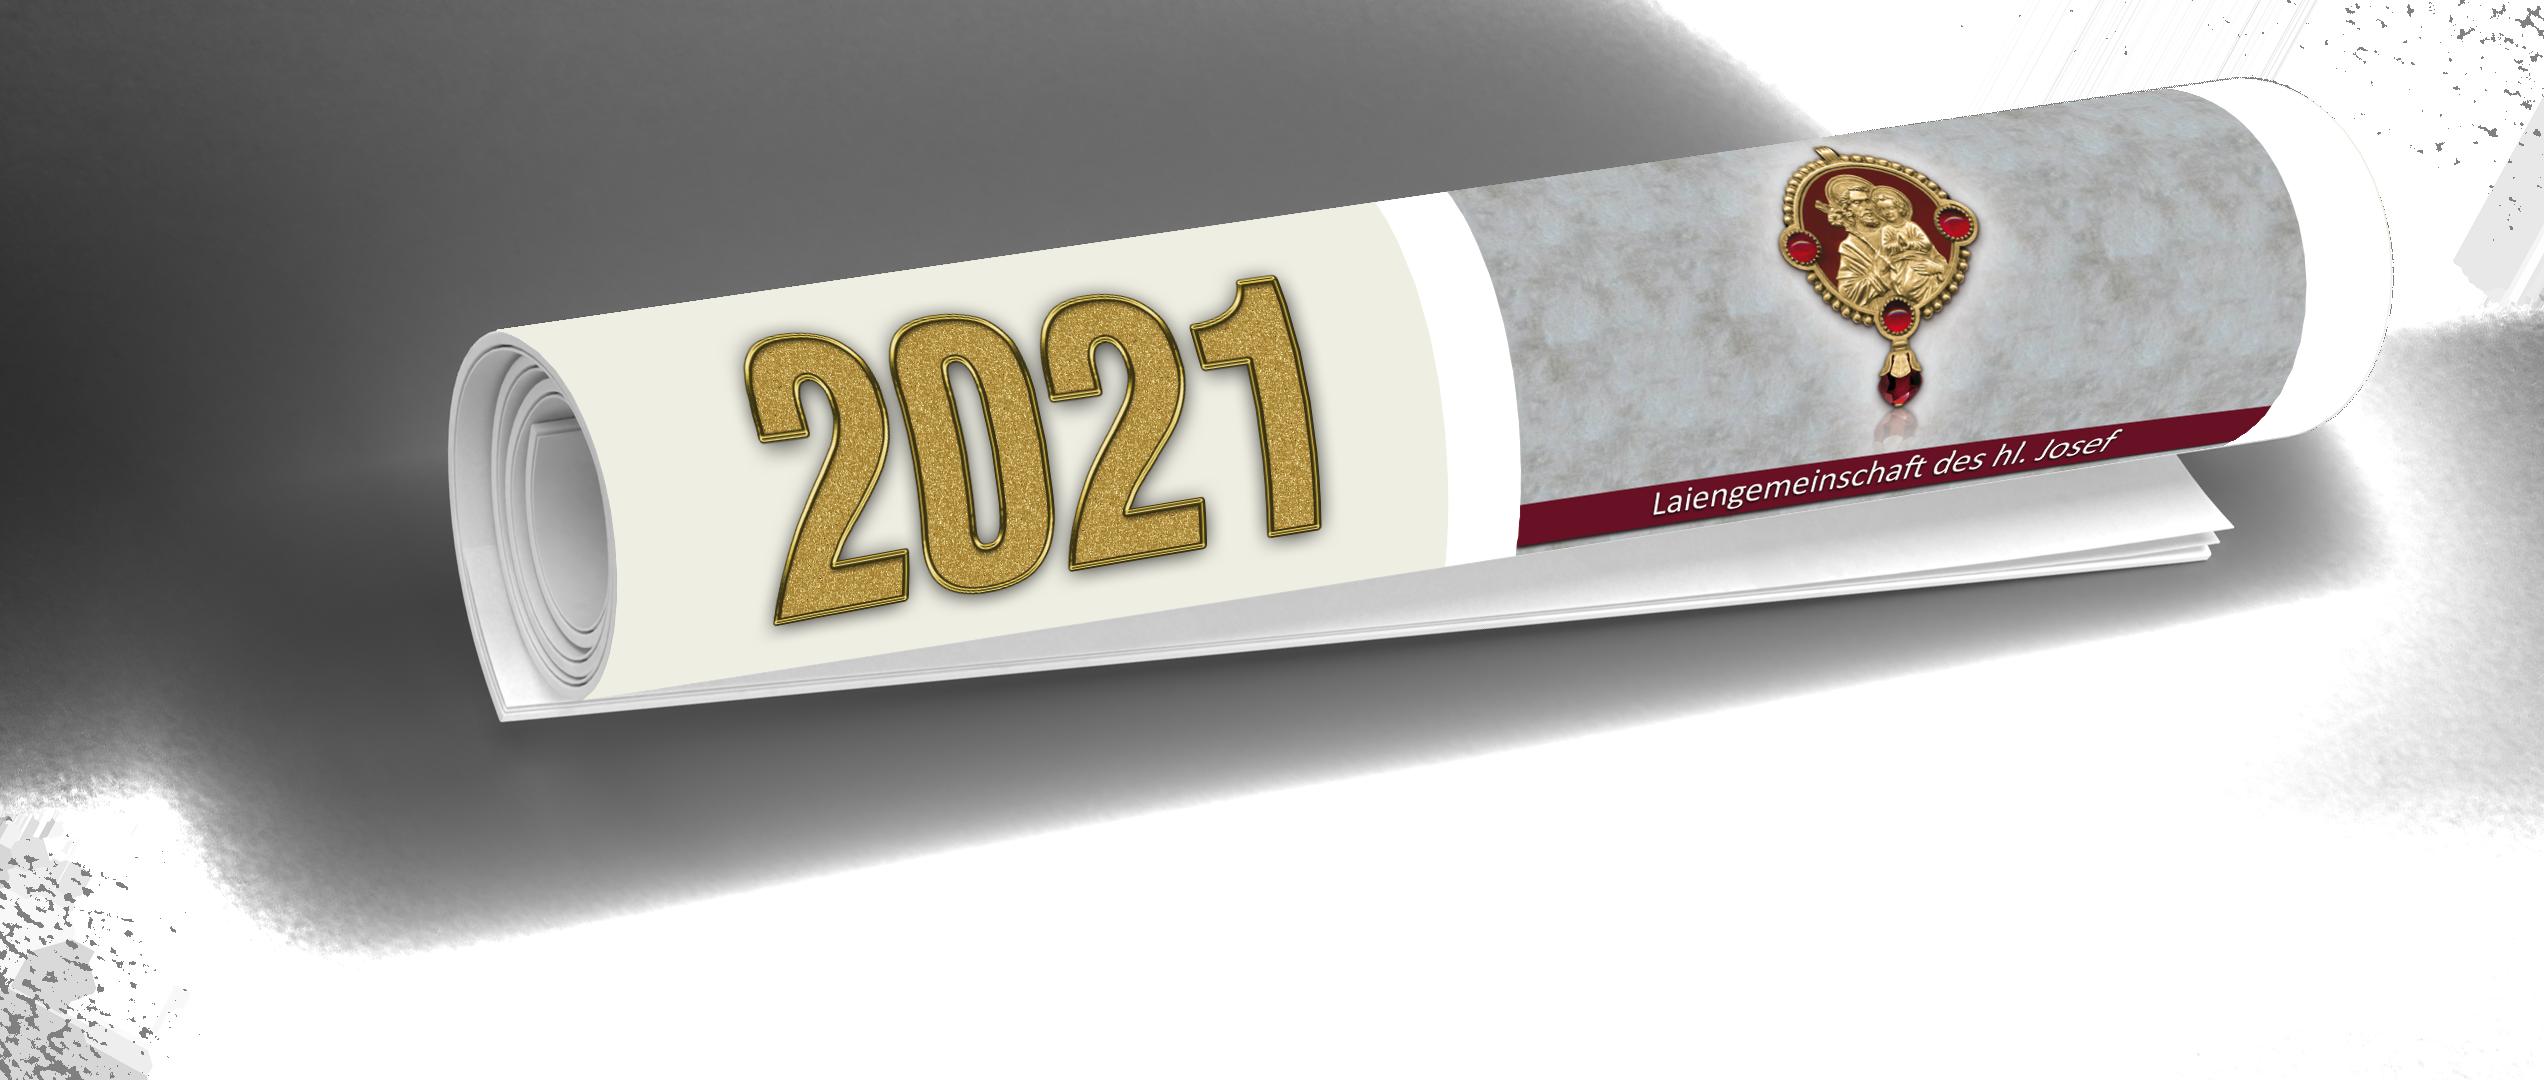 LGS-de-2021